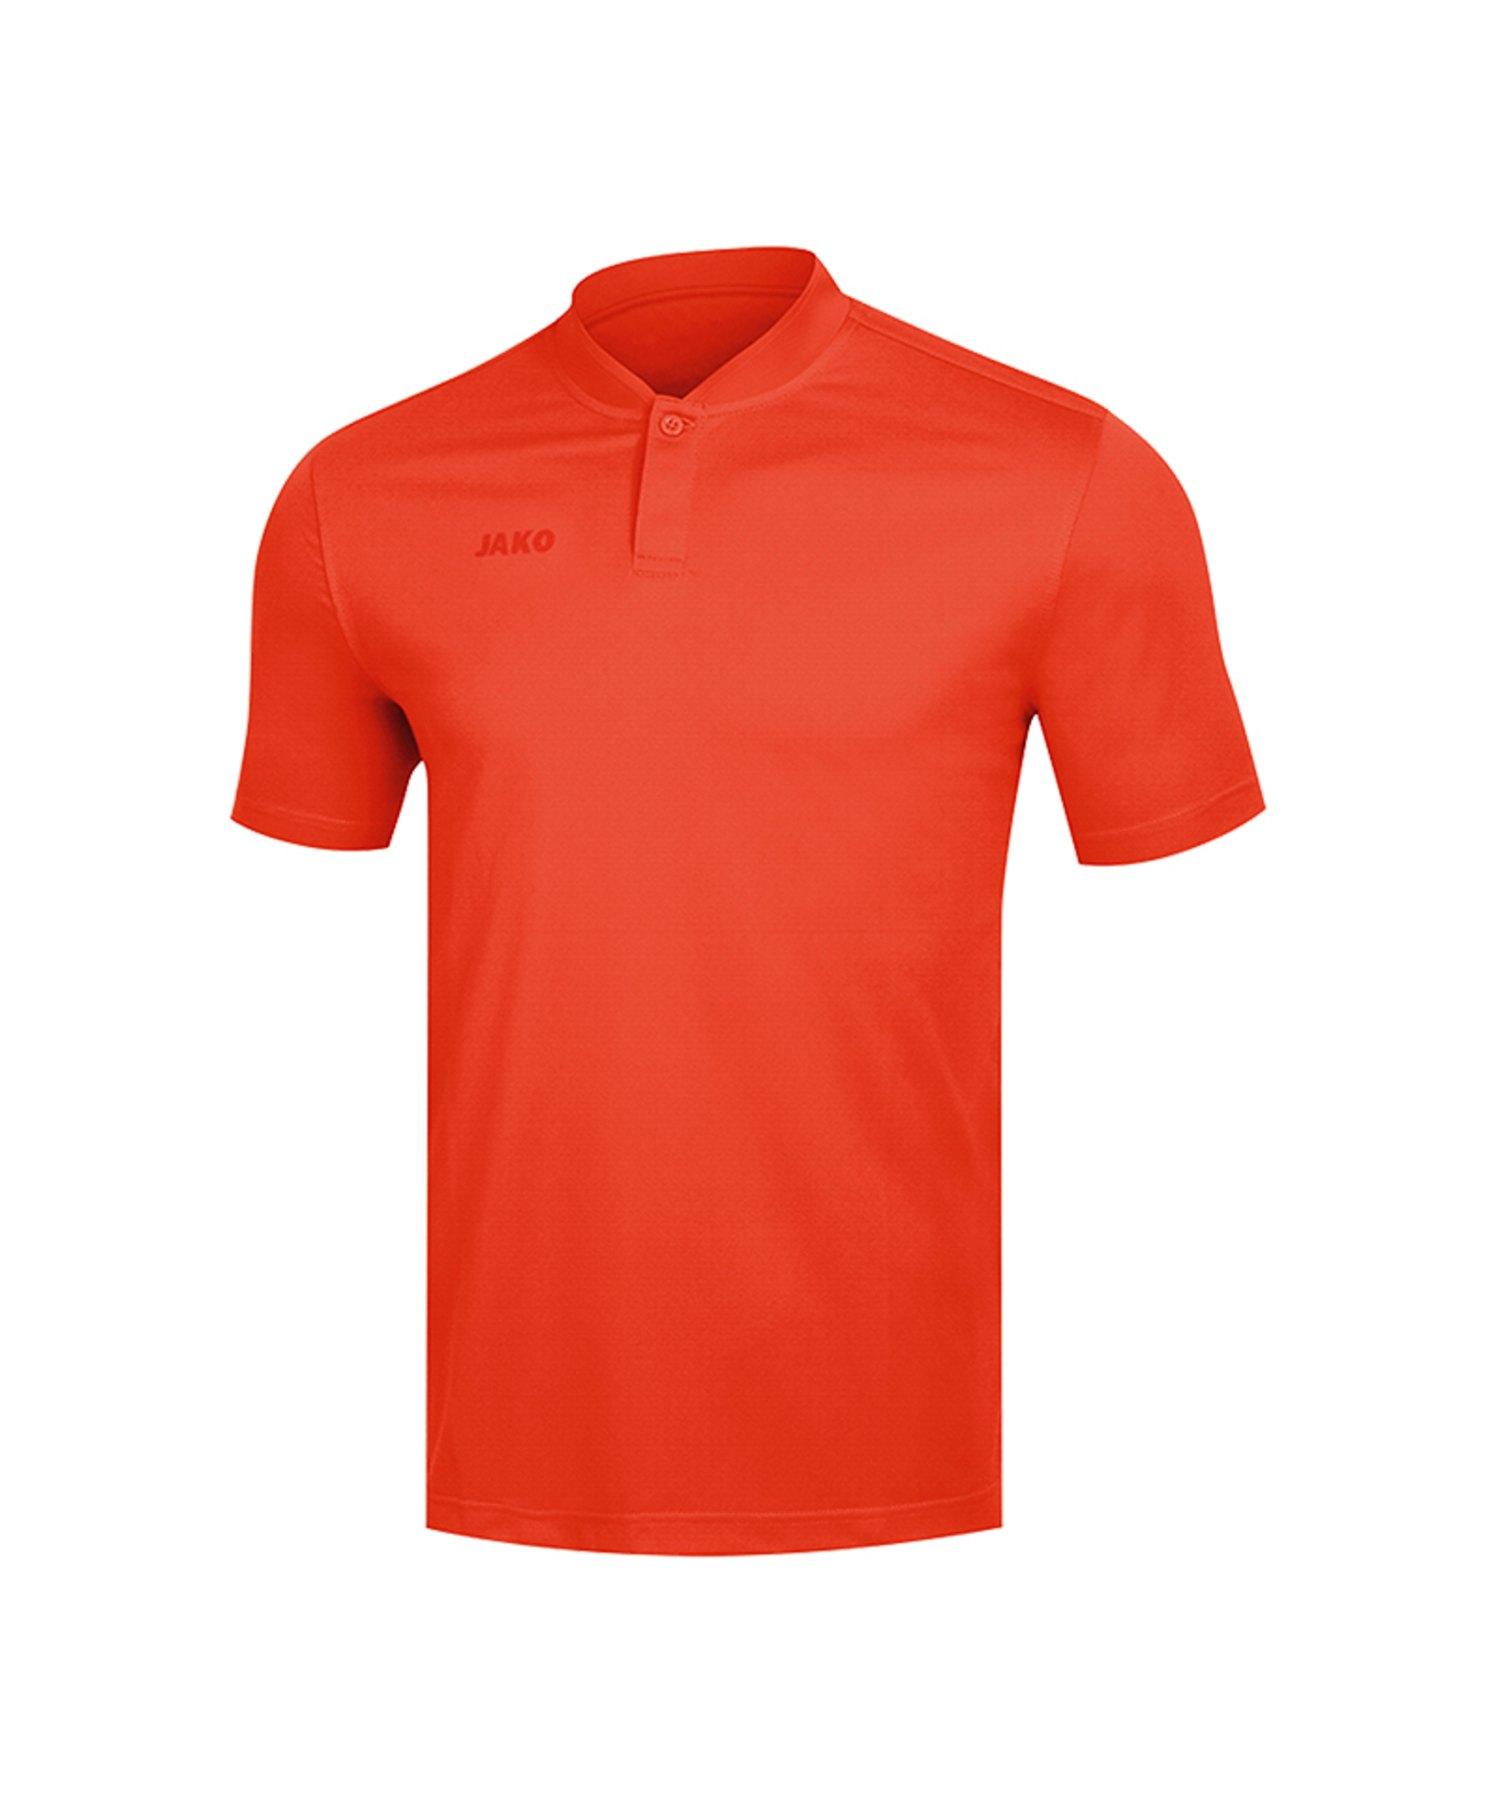 Jako Prestige Poloshirt Orange F18 - Orange